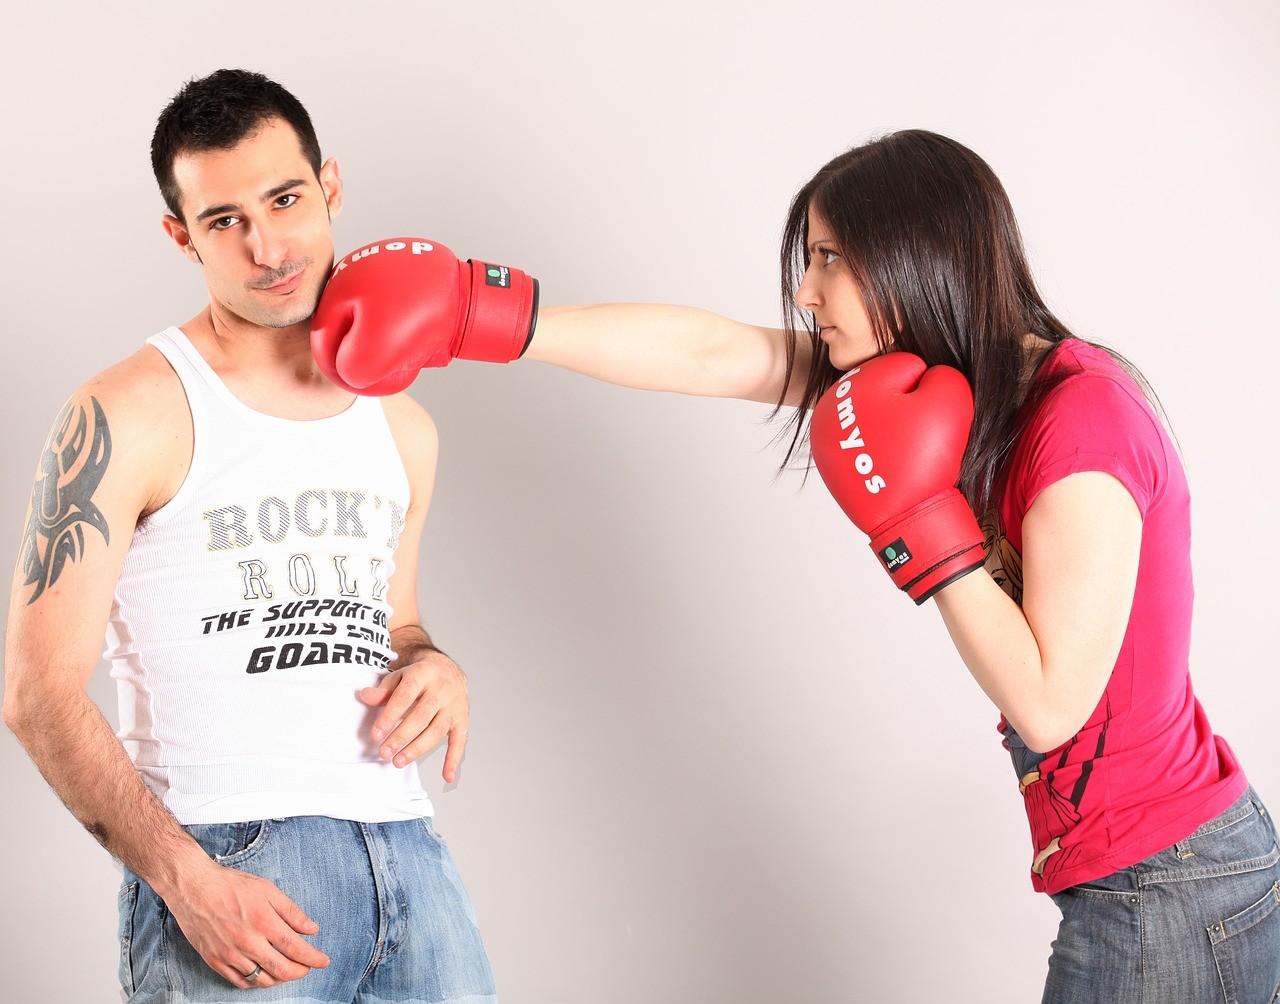 ▲▼ 情侶吵架。(圖/取自免費圖庫Pixabay)